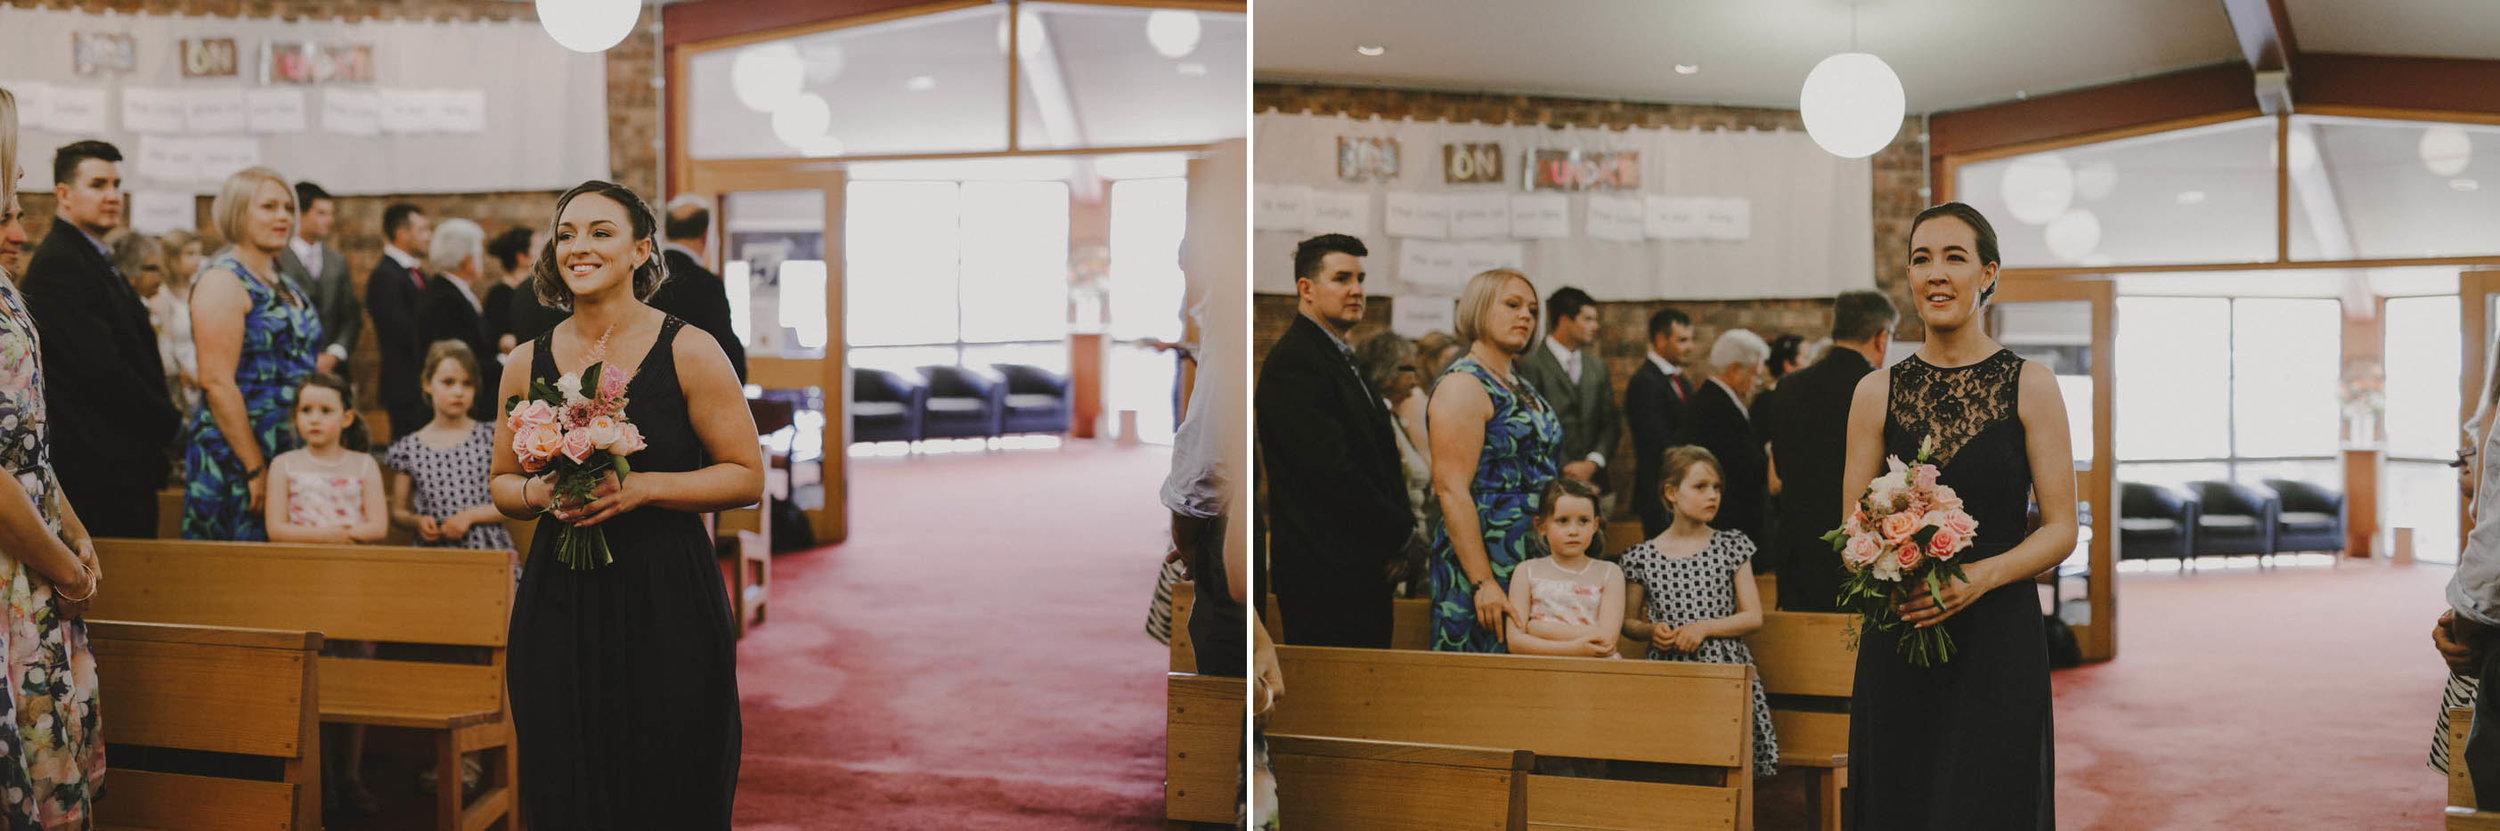 canberra-wedding-ej_050(6755)2.jpg